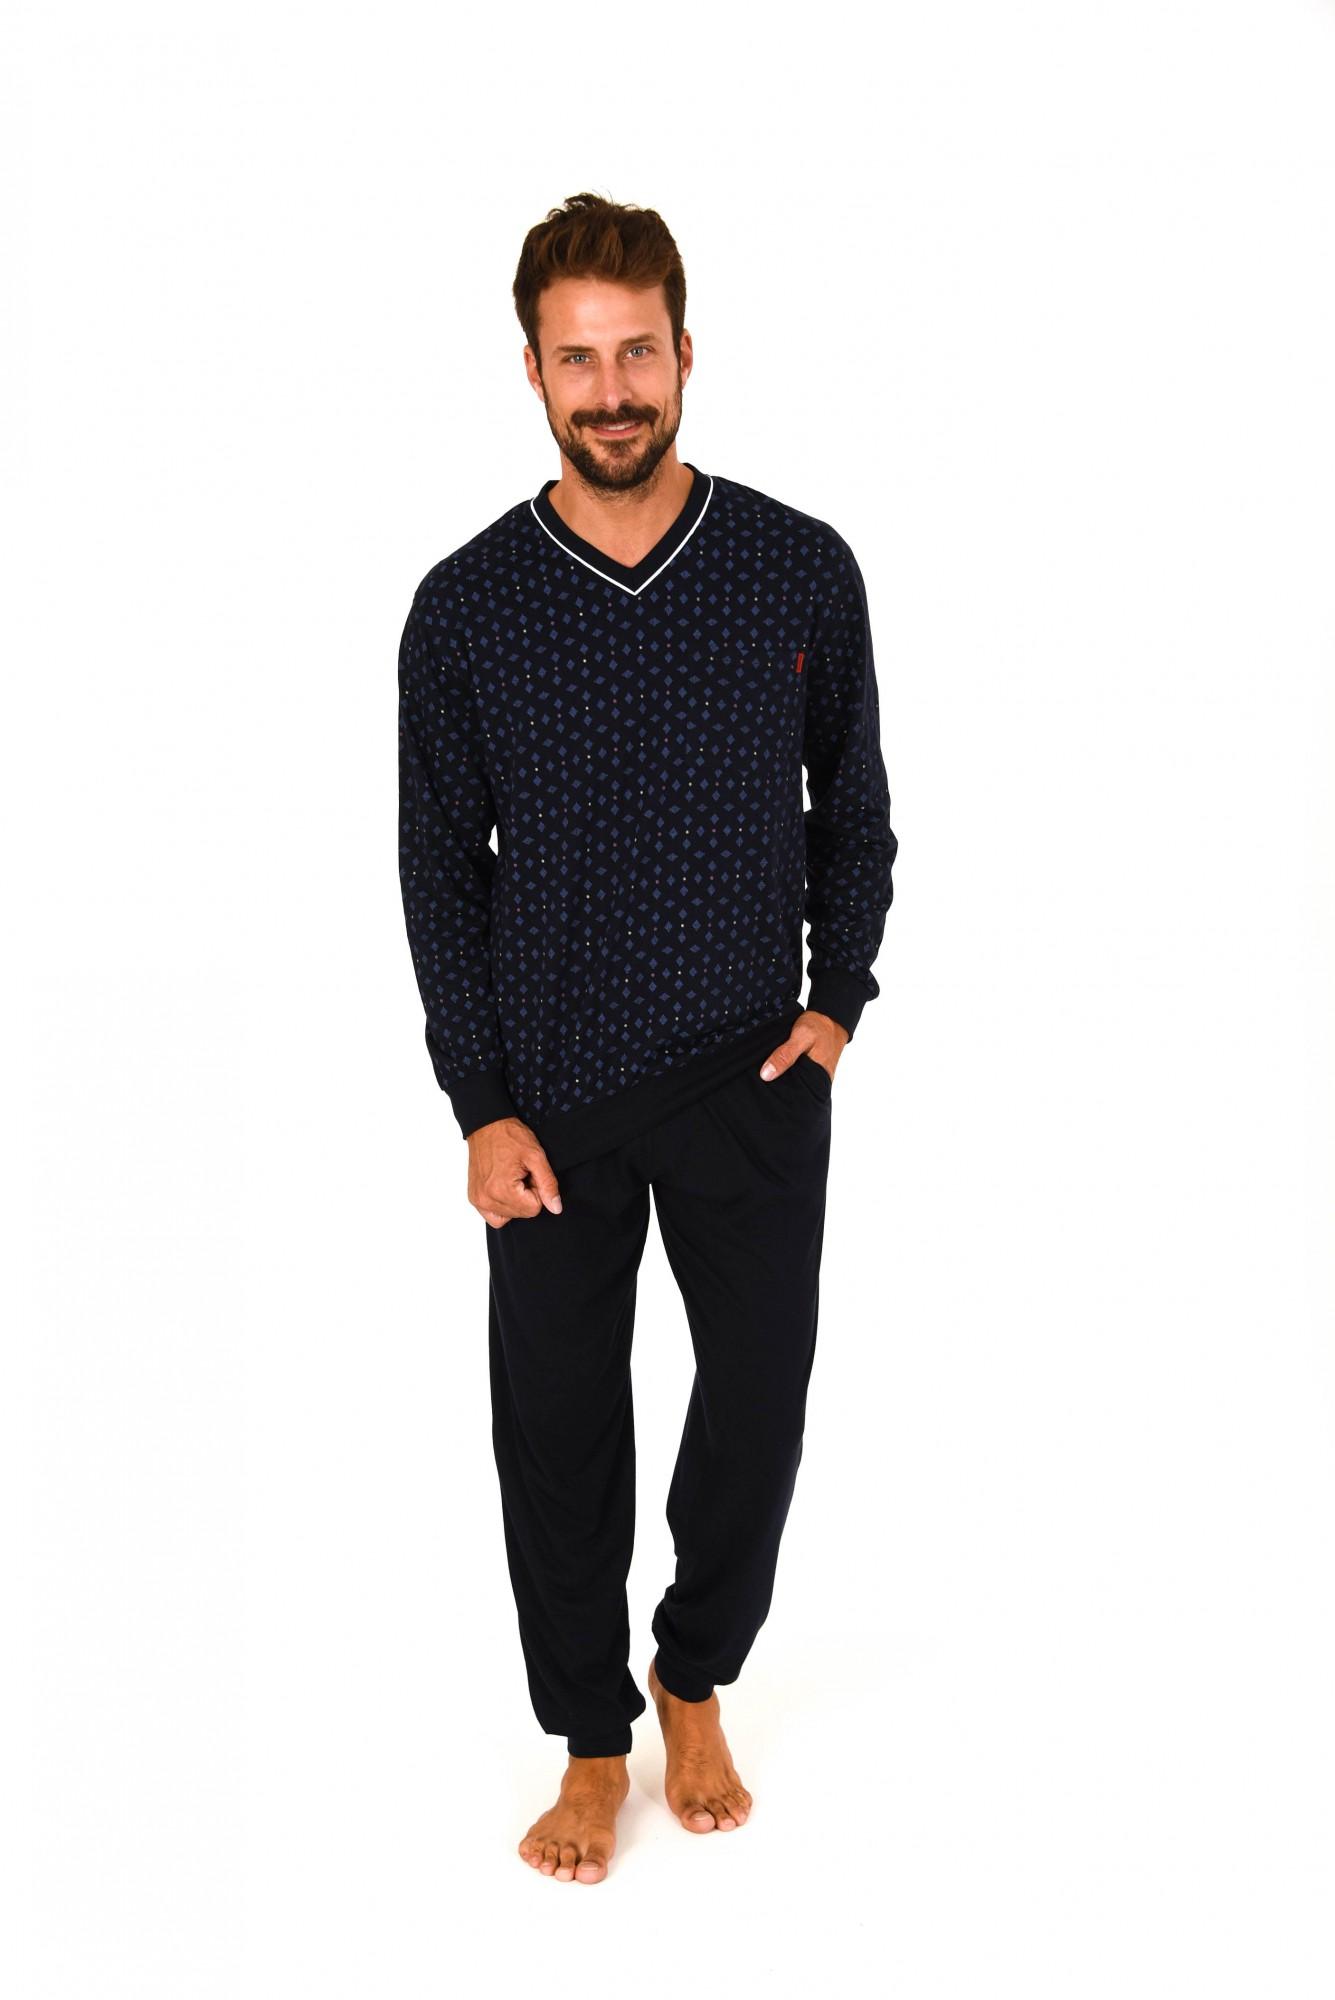 Herren Pyjama langarm mit Bündchen – auch in Übergrössen bis Gr. 70 – 101 90 429 001